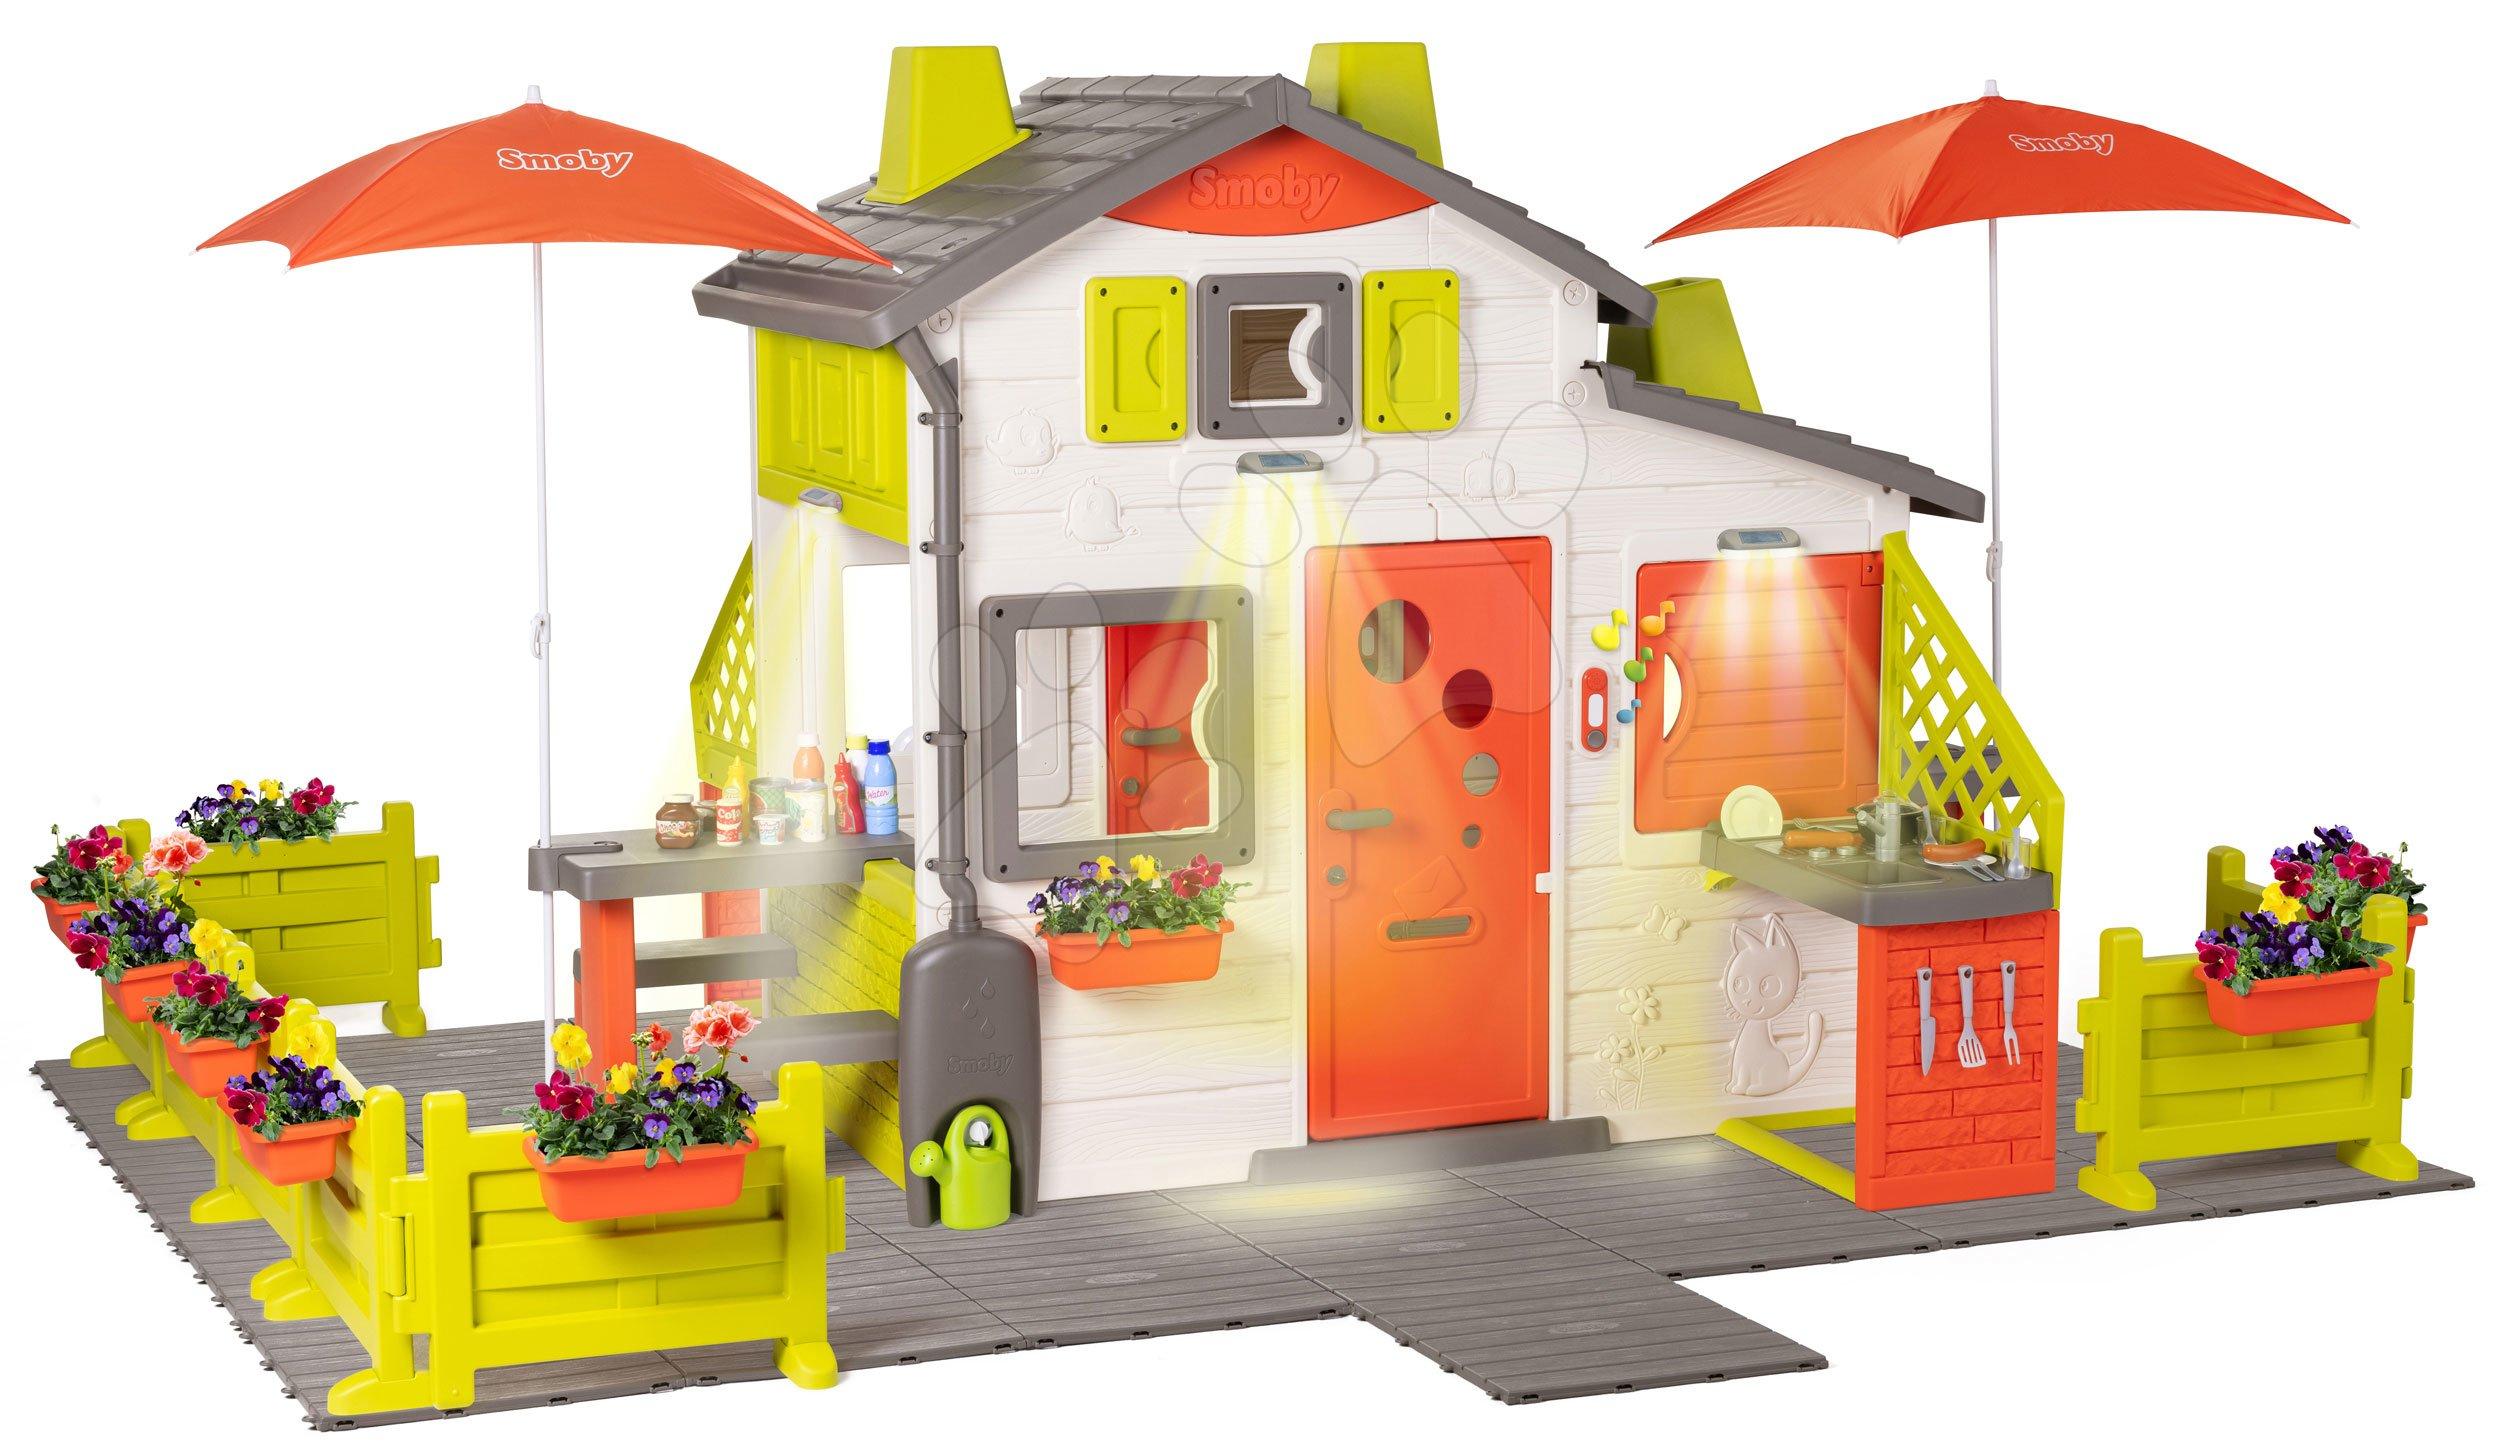 Domček Neo Friends House DeLuxe Smoby s veľkou záhradou a občerstvením pod slnečníkmi